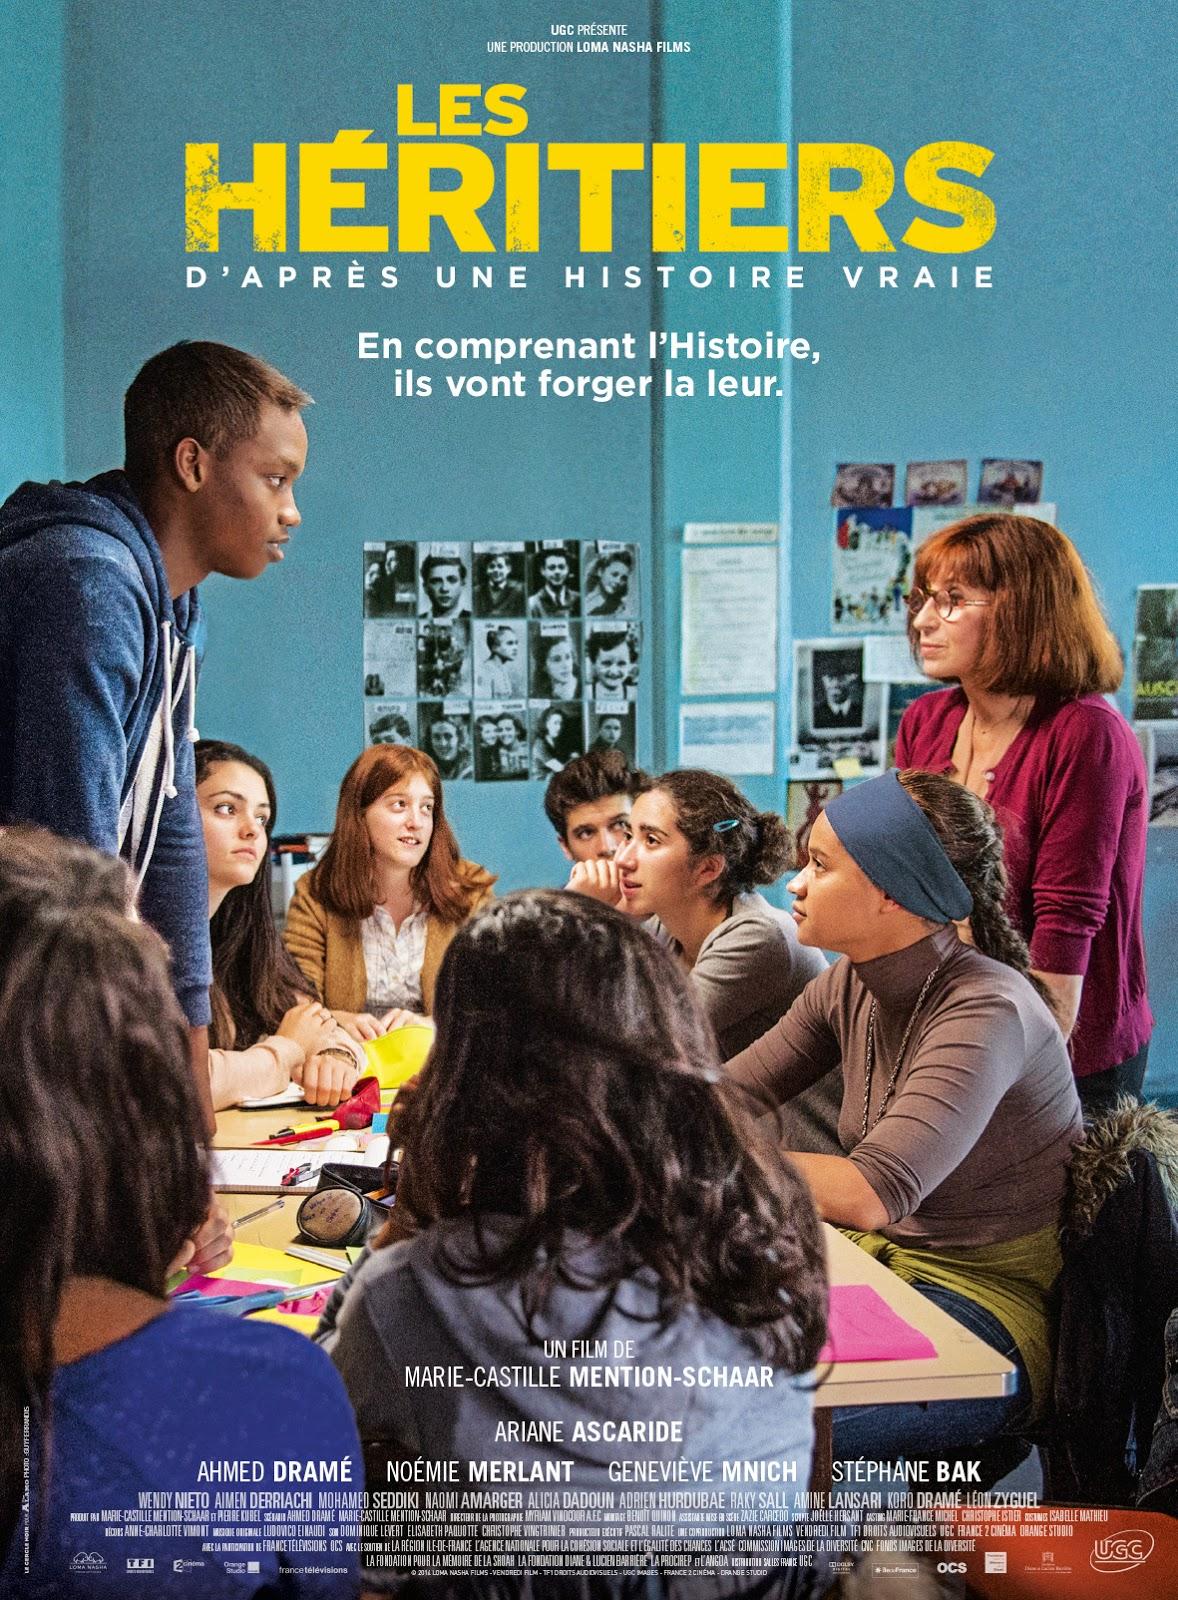 """[Critique] """"Les Héritiers"""" (2013) de Marie-Castille Mention-Schaar 1 image"""